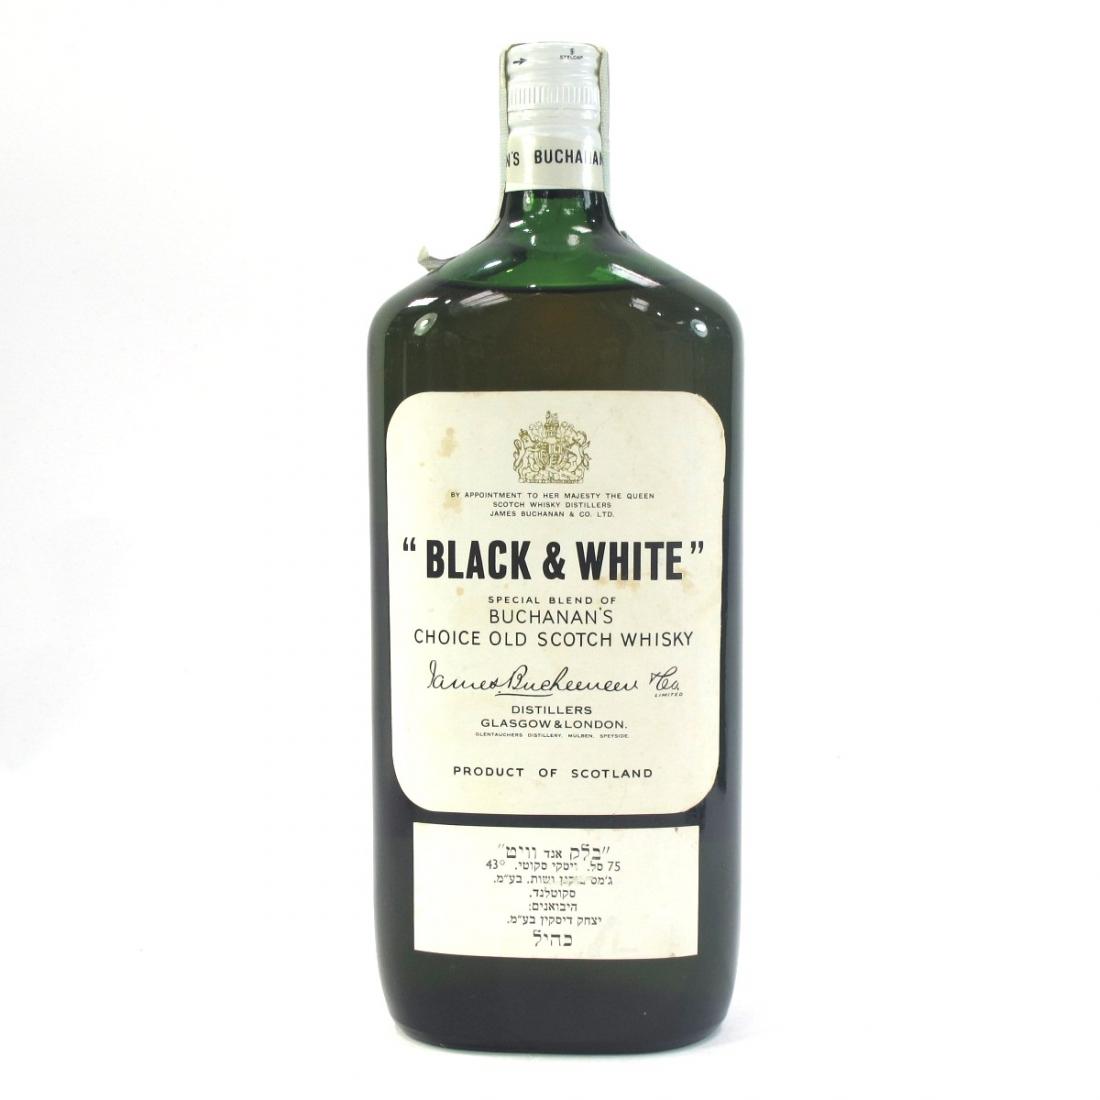 Black and White Circa 1970s